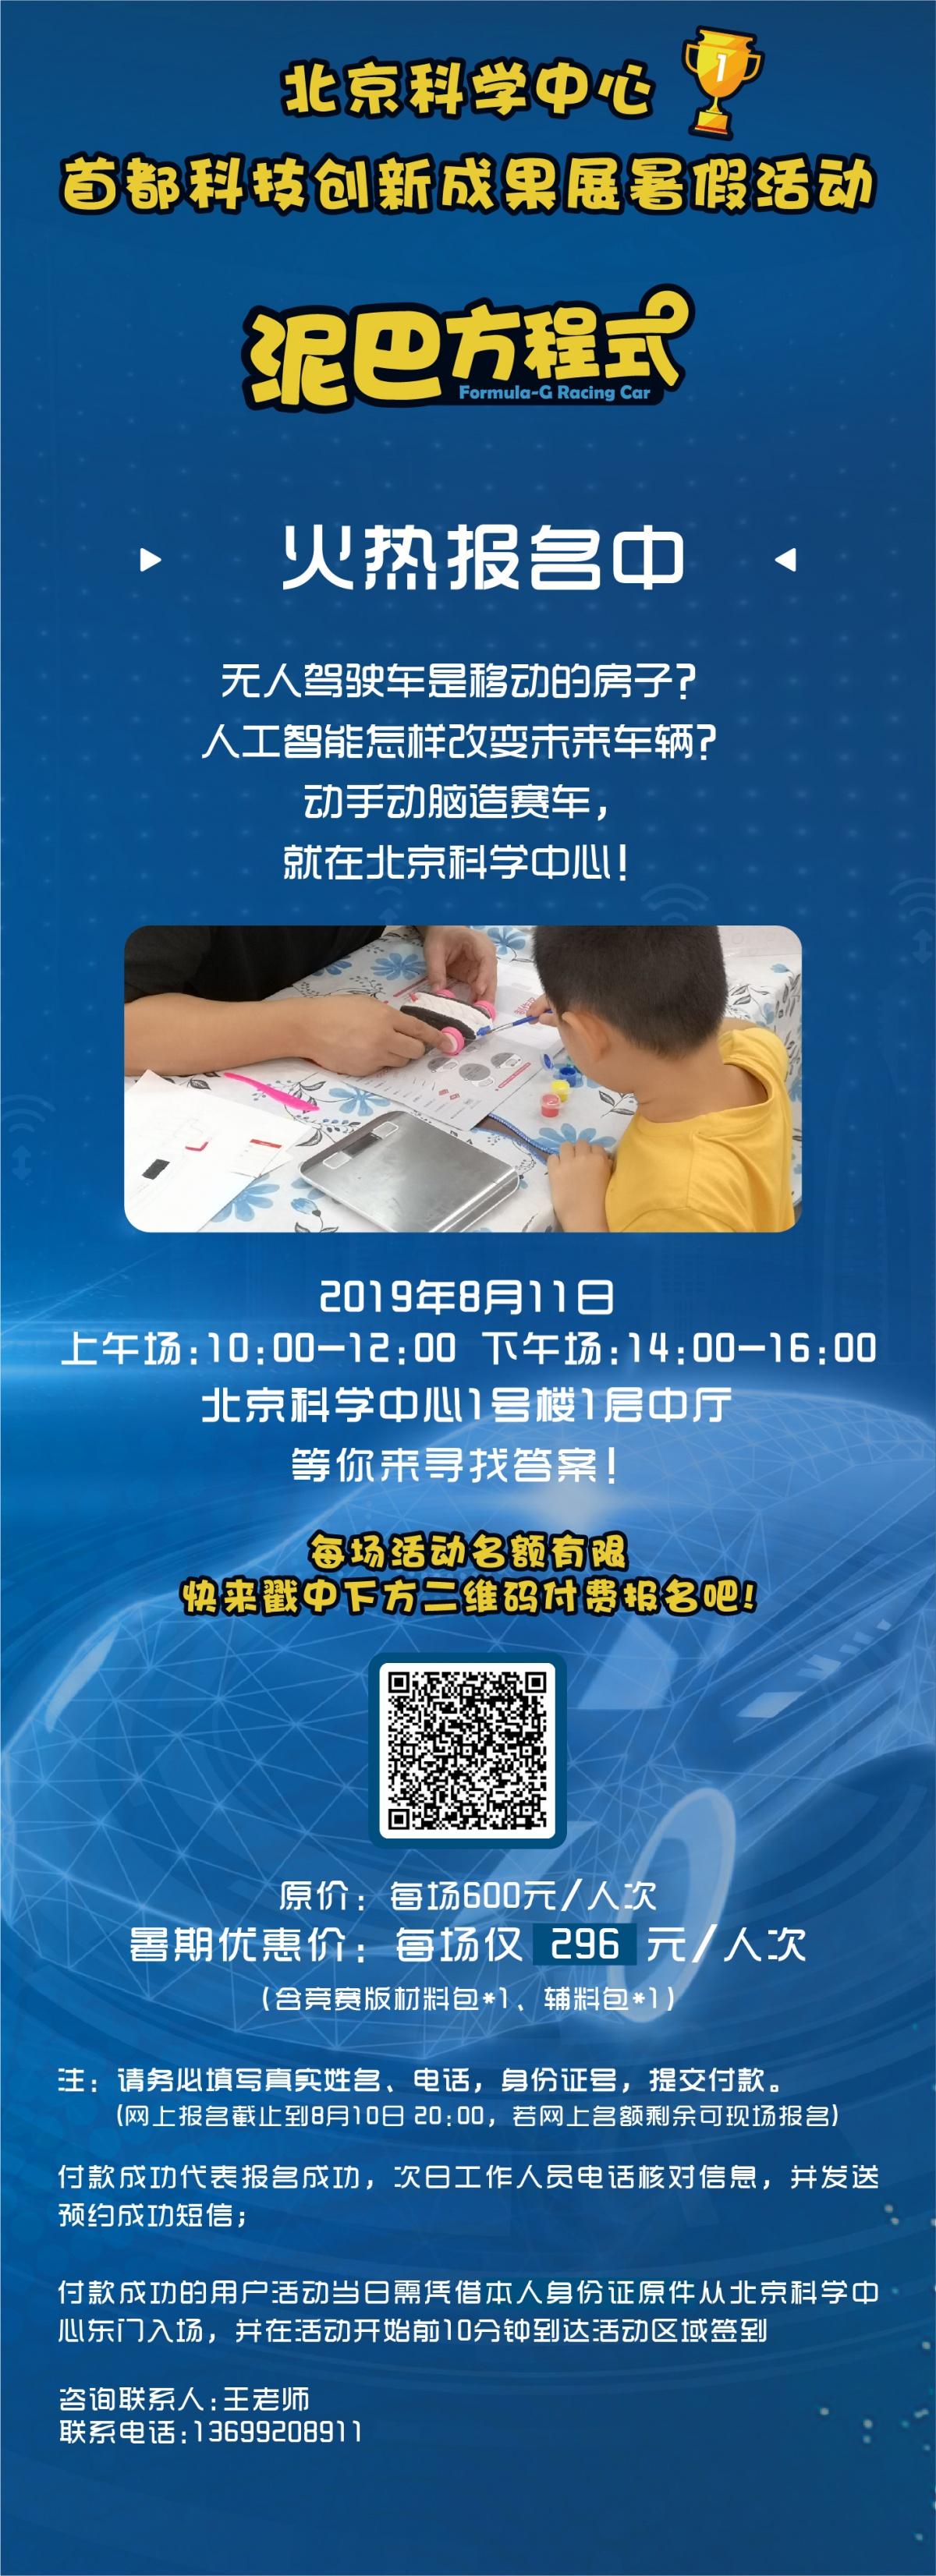 泥巴方程式活动 官网宣传图 (8-11期).jpg